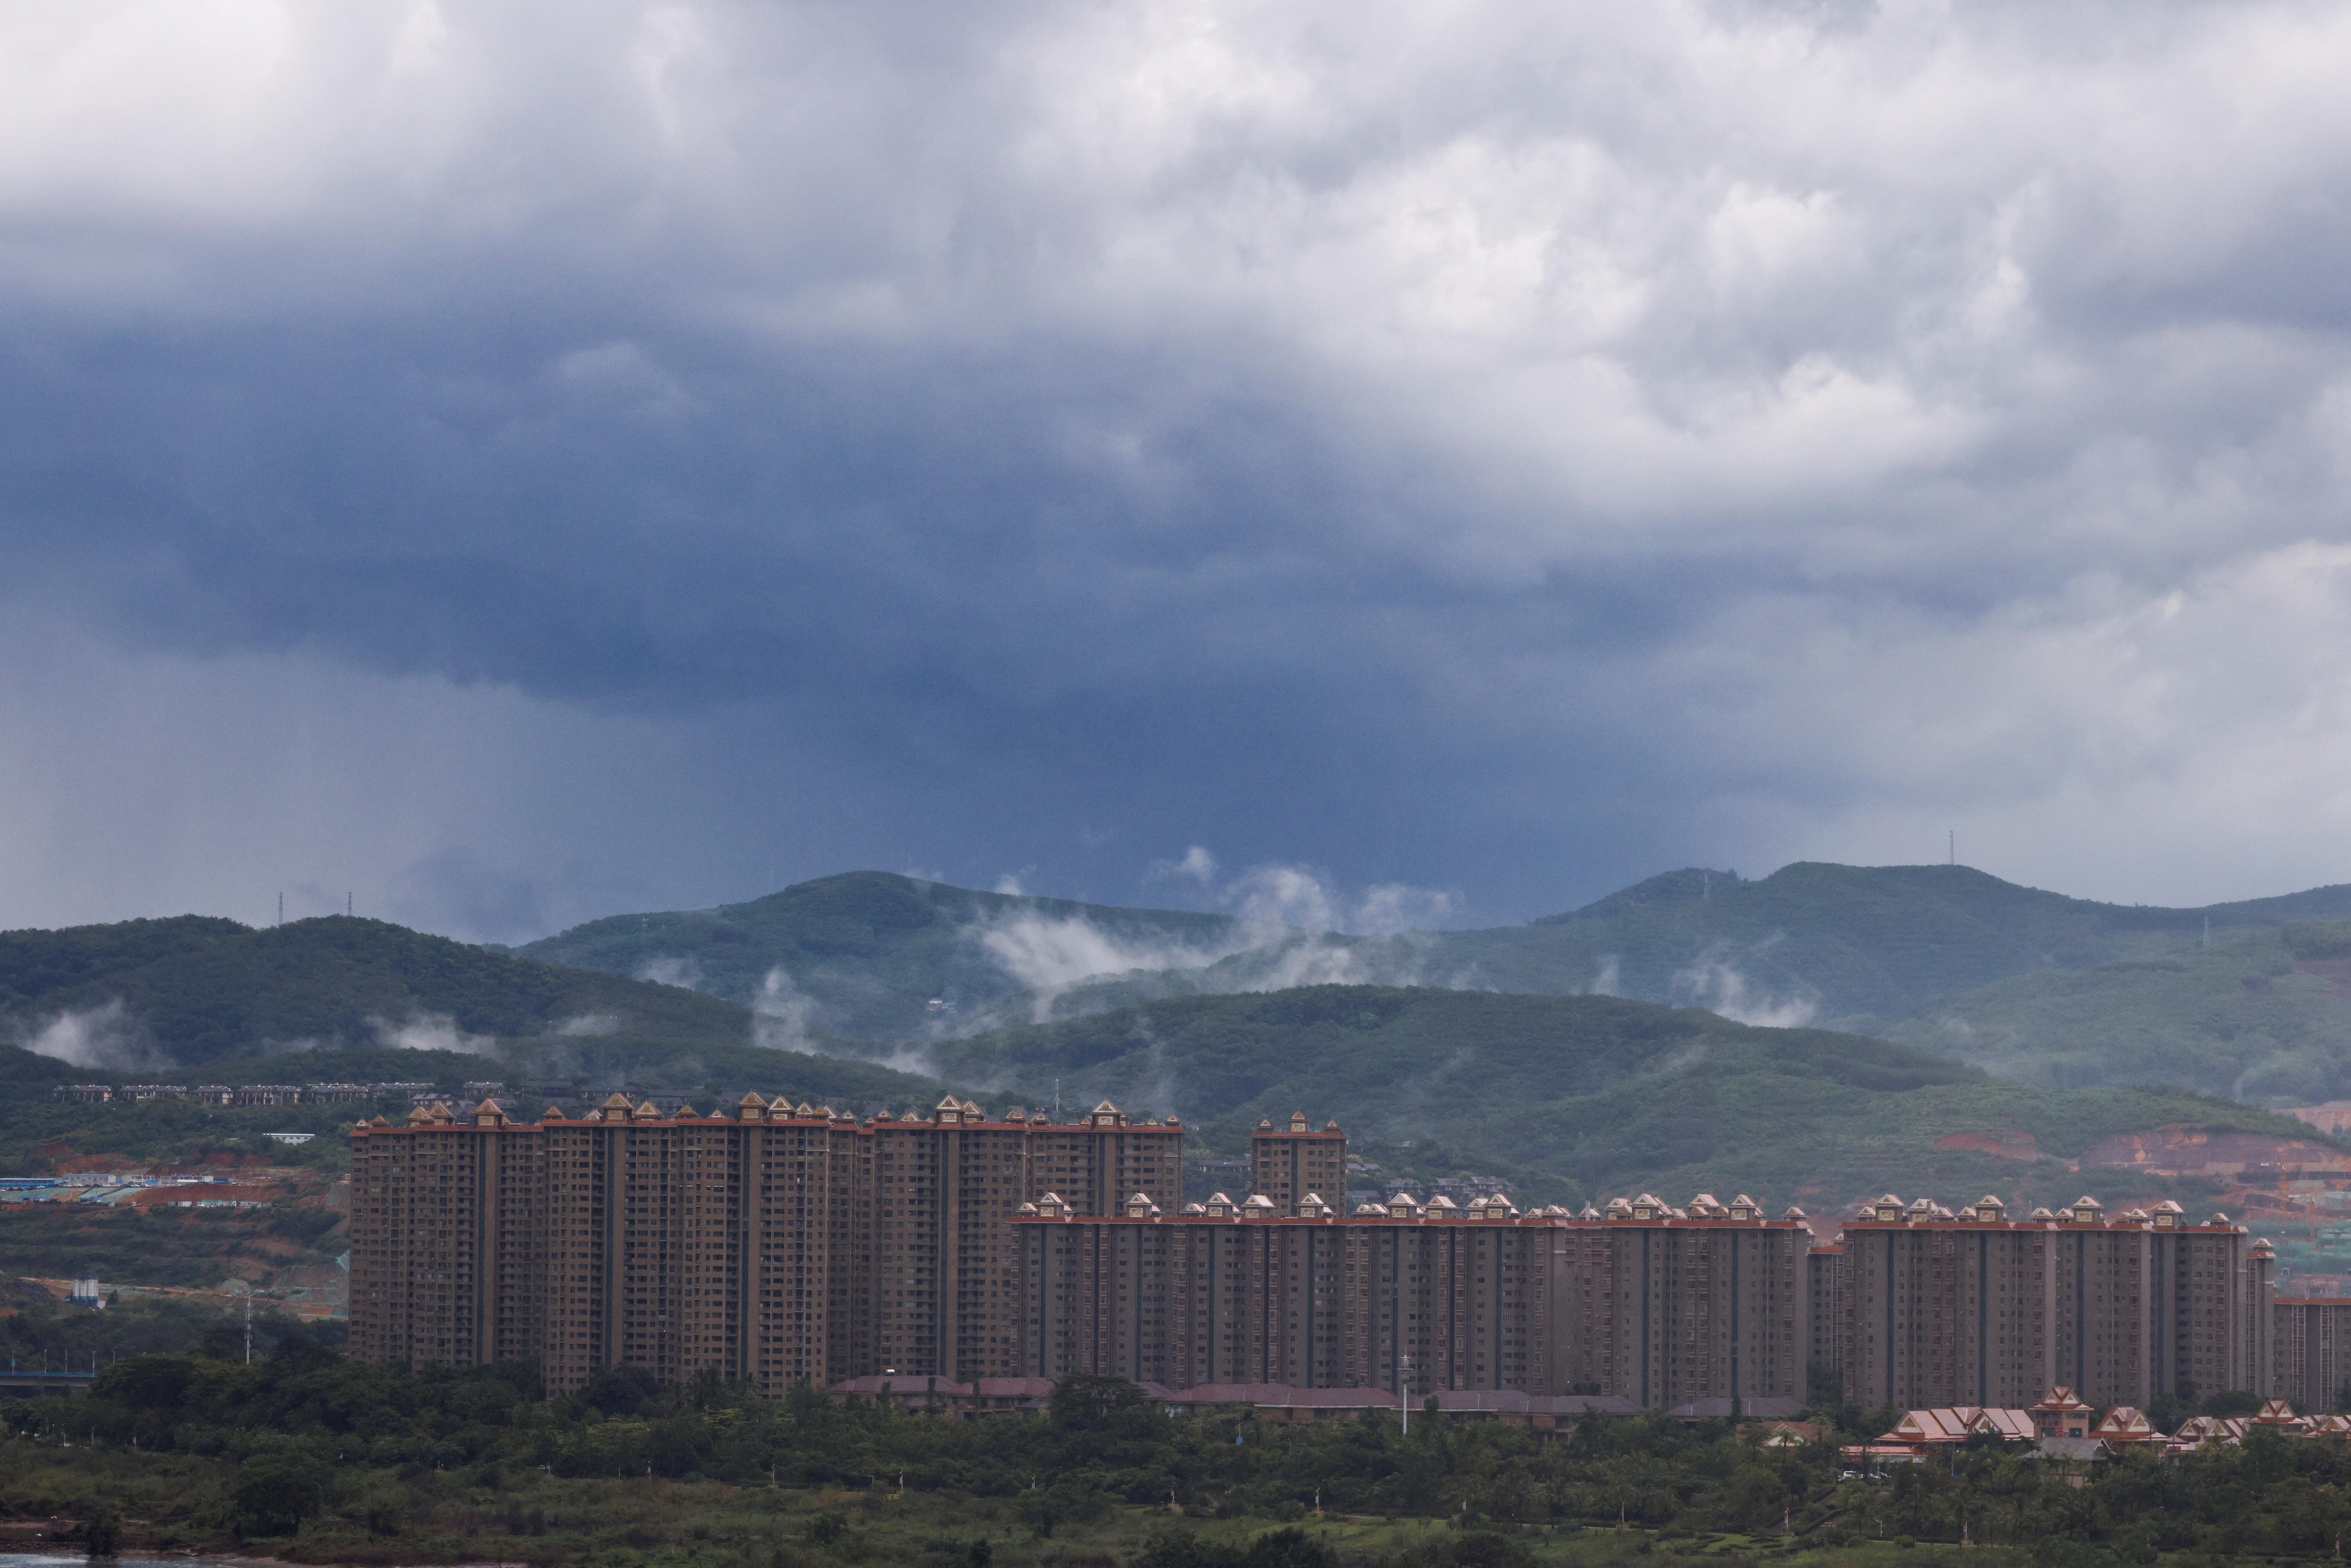 Một sự phát triển bất động sản mới đã ăn sâu vào rừng ở khu tự trị Xishuangbanna Dai, tỉnh Vân Nam, Trung Quốc, ngày 8 tháng 7 năm 2021. REUTERS / Aly Song